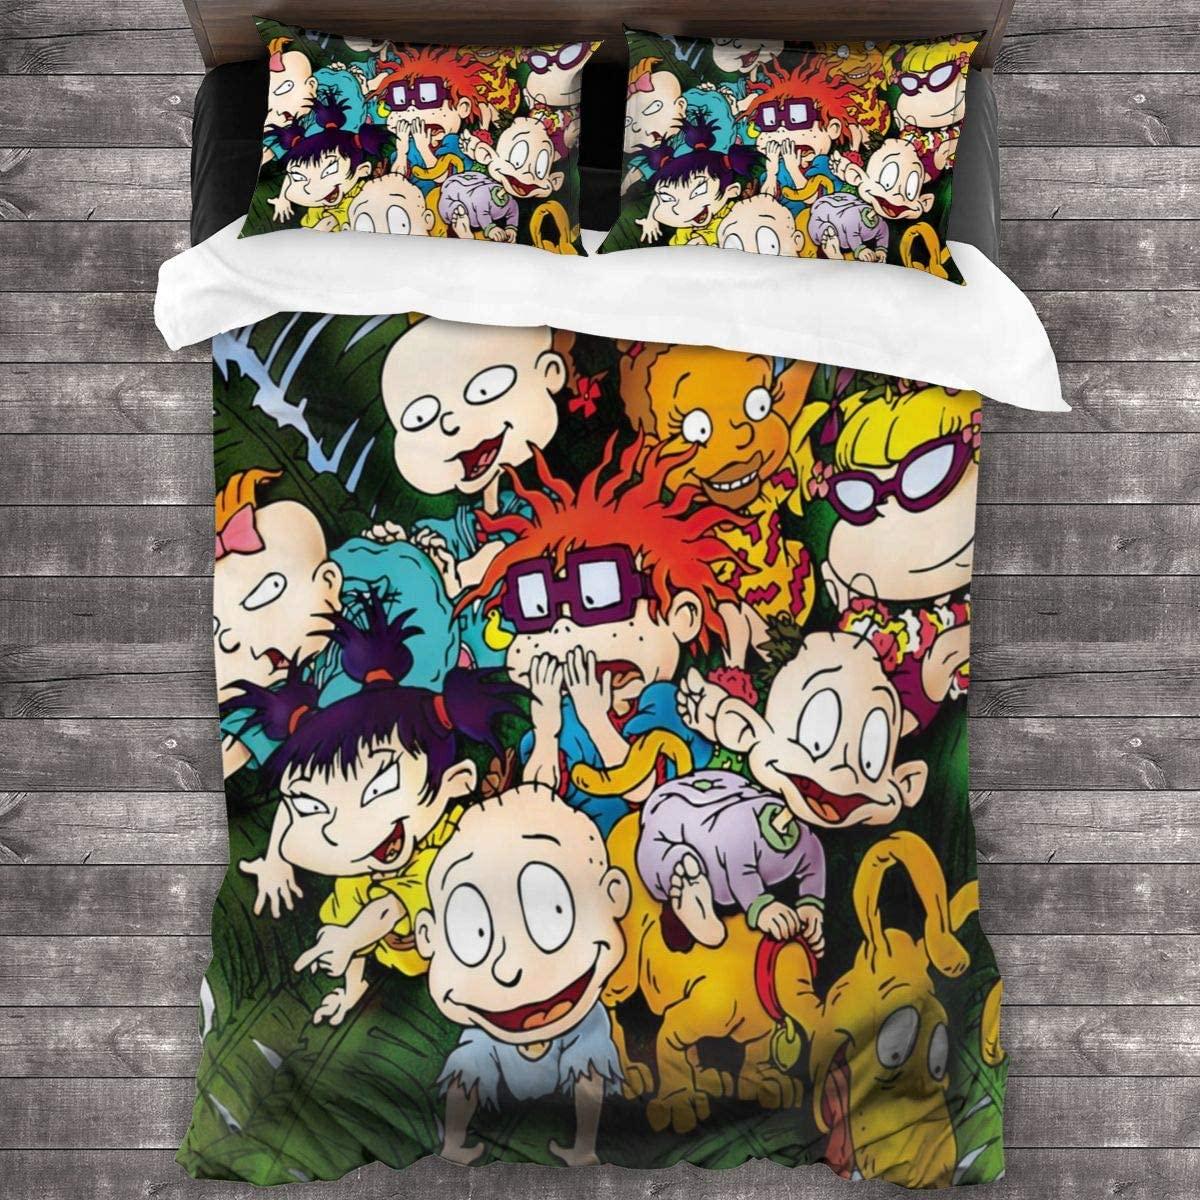 3 قطعة طباعة الفراش Rugrats حاف مجموعة غطاء لينة (لا المعزي) هدية السرير (1 حاف الغطاء 2 وسادة شمس)